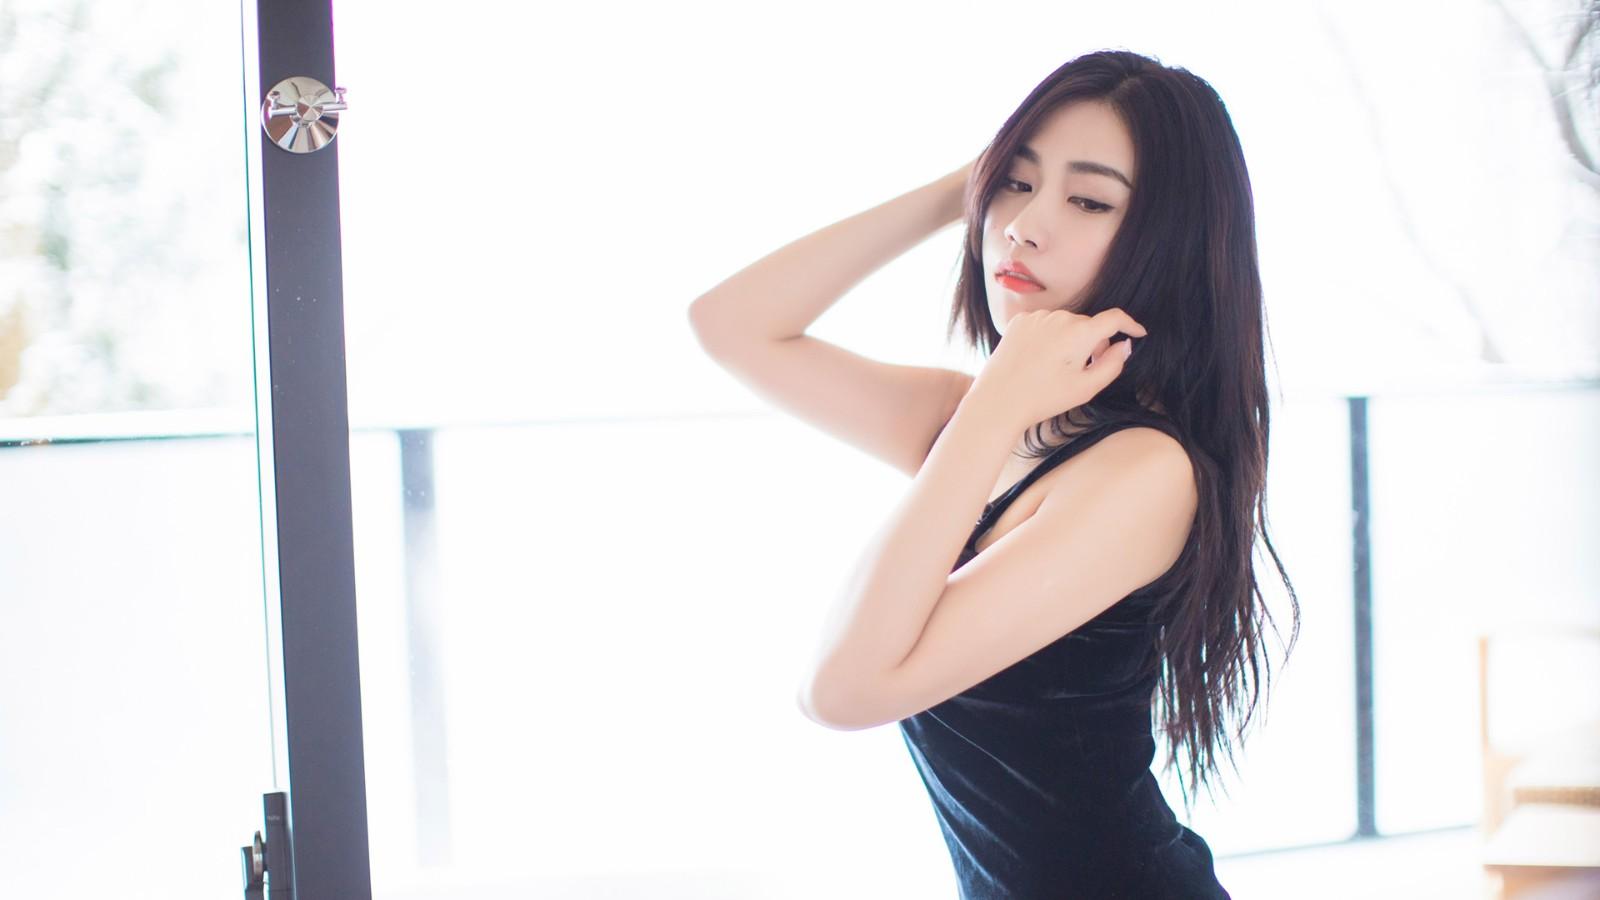 长发黑色连衣裙美女许诺壁纸